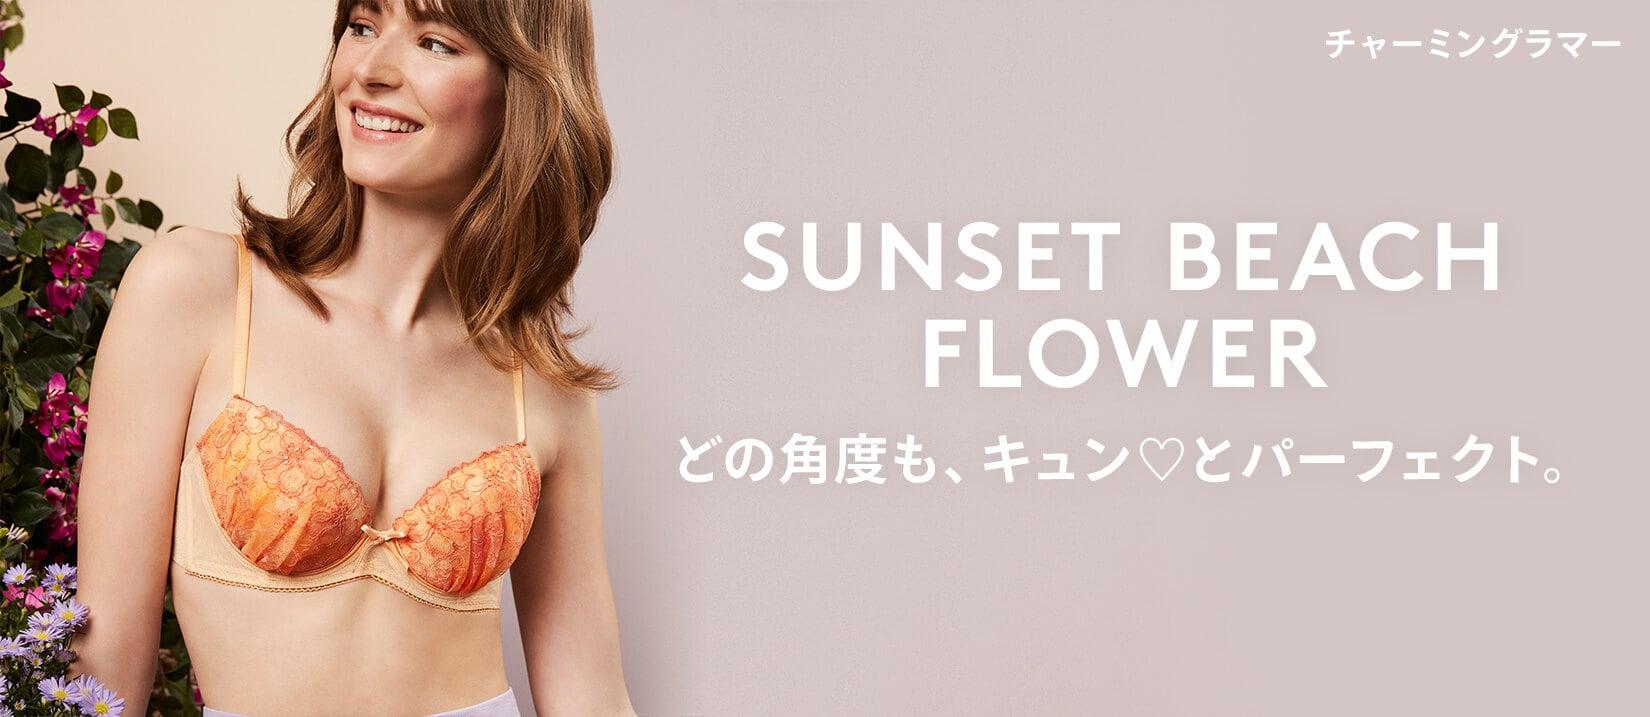 sunset_beach_flower(サンセットビーチフラワー)